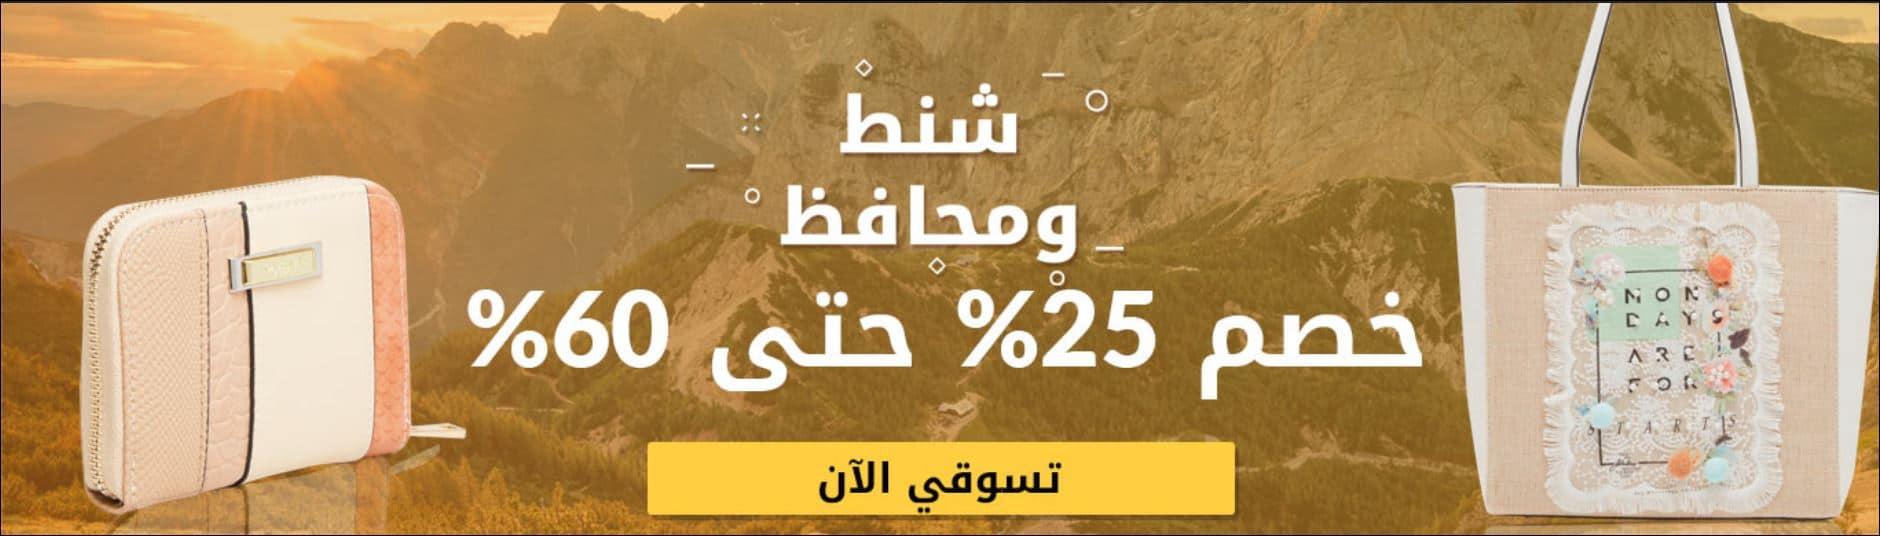 عروض متاجر السعودية 2019 سنتربوينت شنط ومحافظ